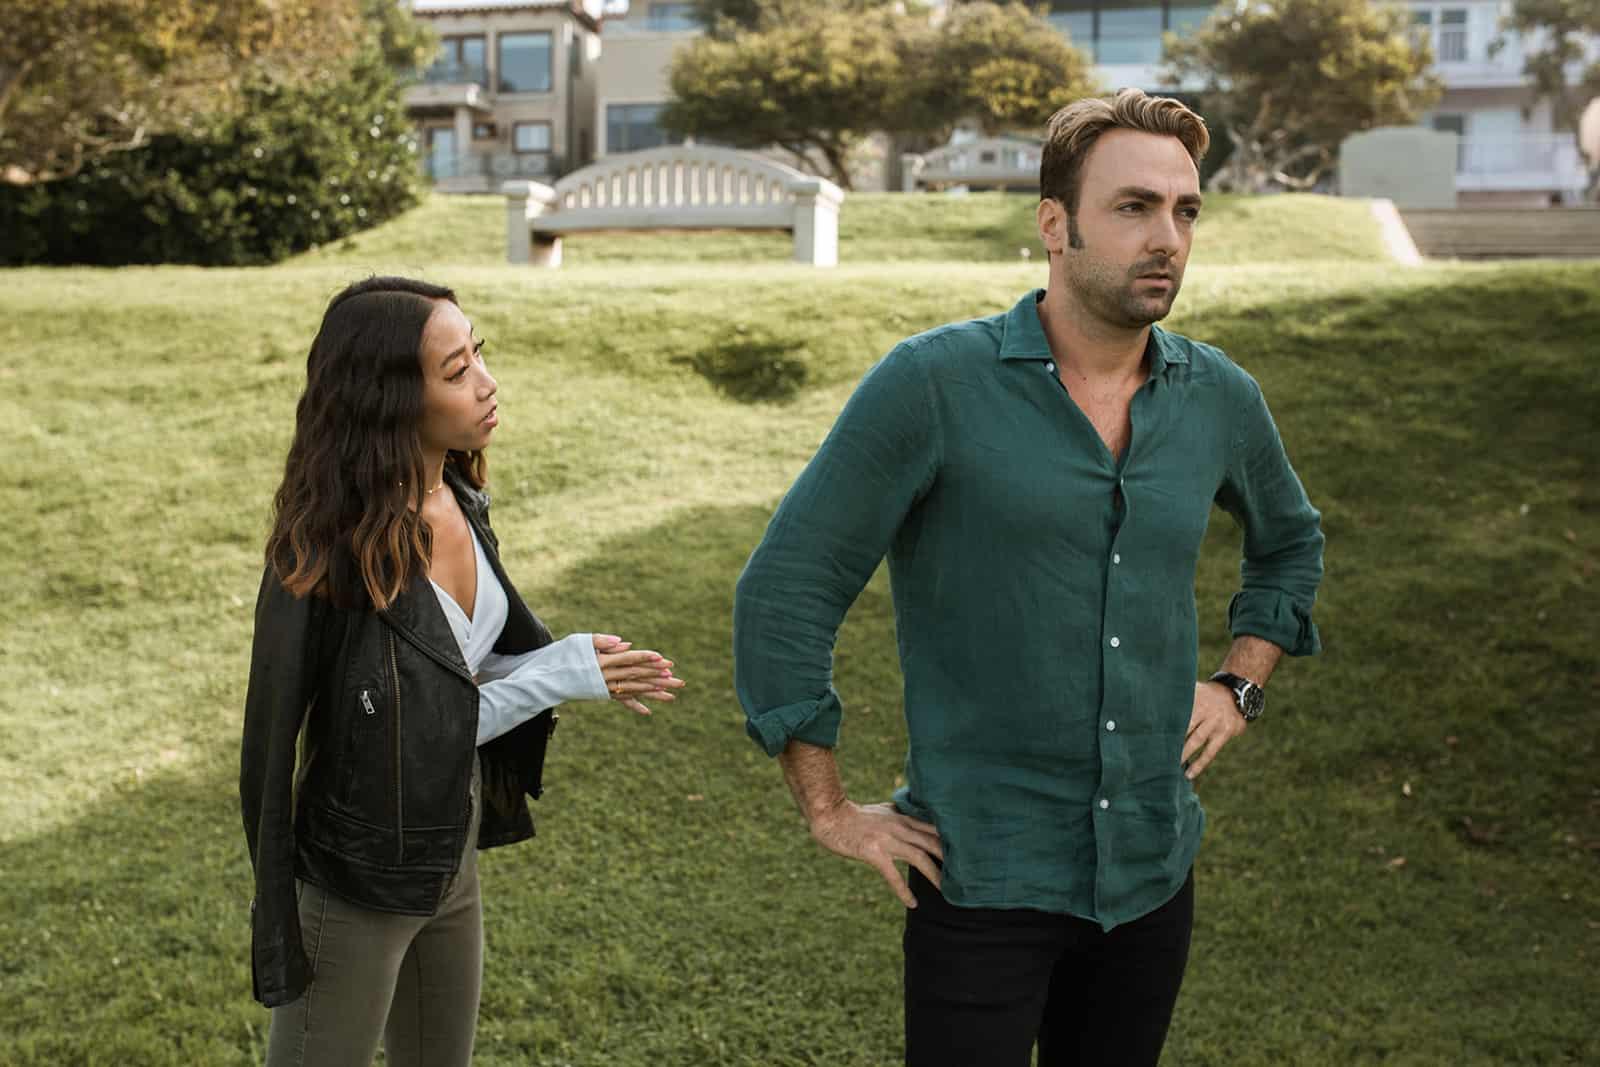 eine Frau, die mit einem eifersüchtigen Mann spricht, der zusammen im Park steht